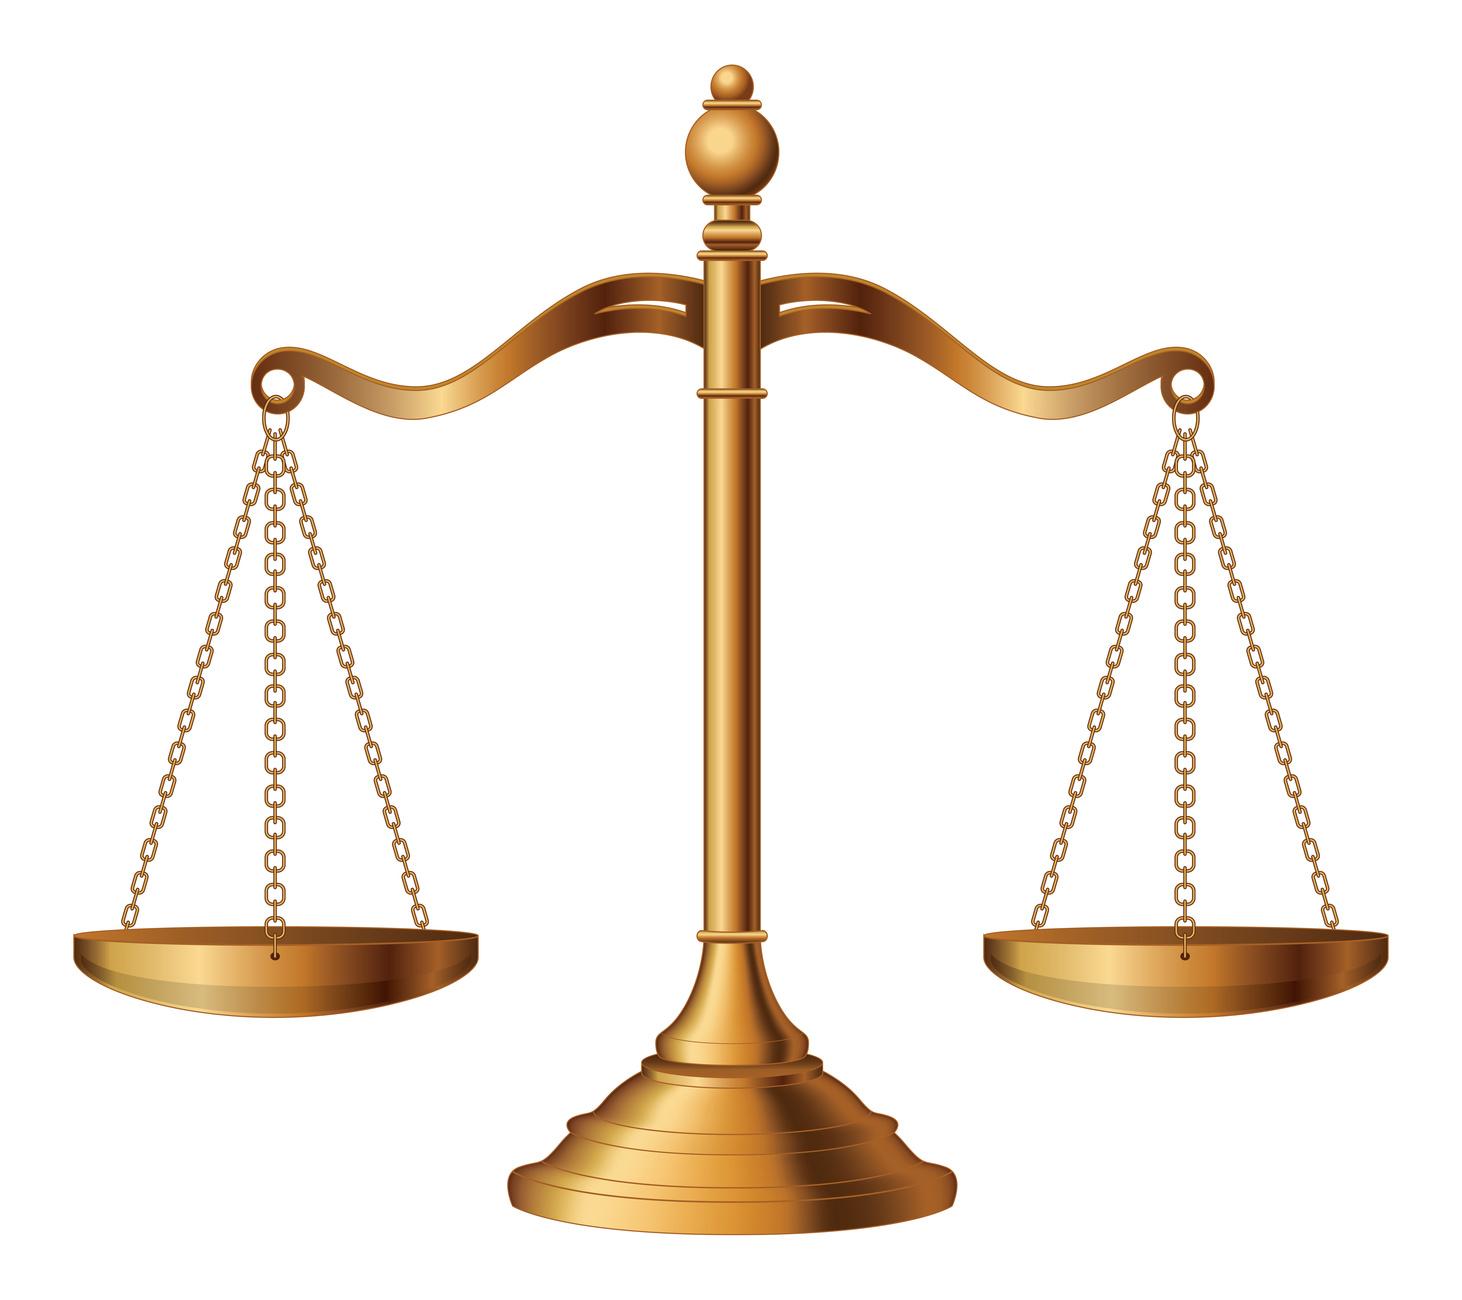 """Aus der Rubrik """"Spannende Urteile"""" - Wann sich ein Makler nicht unabhängig nennen darf"""